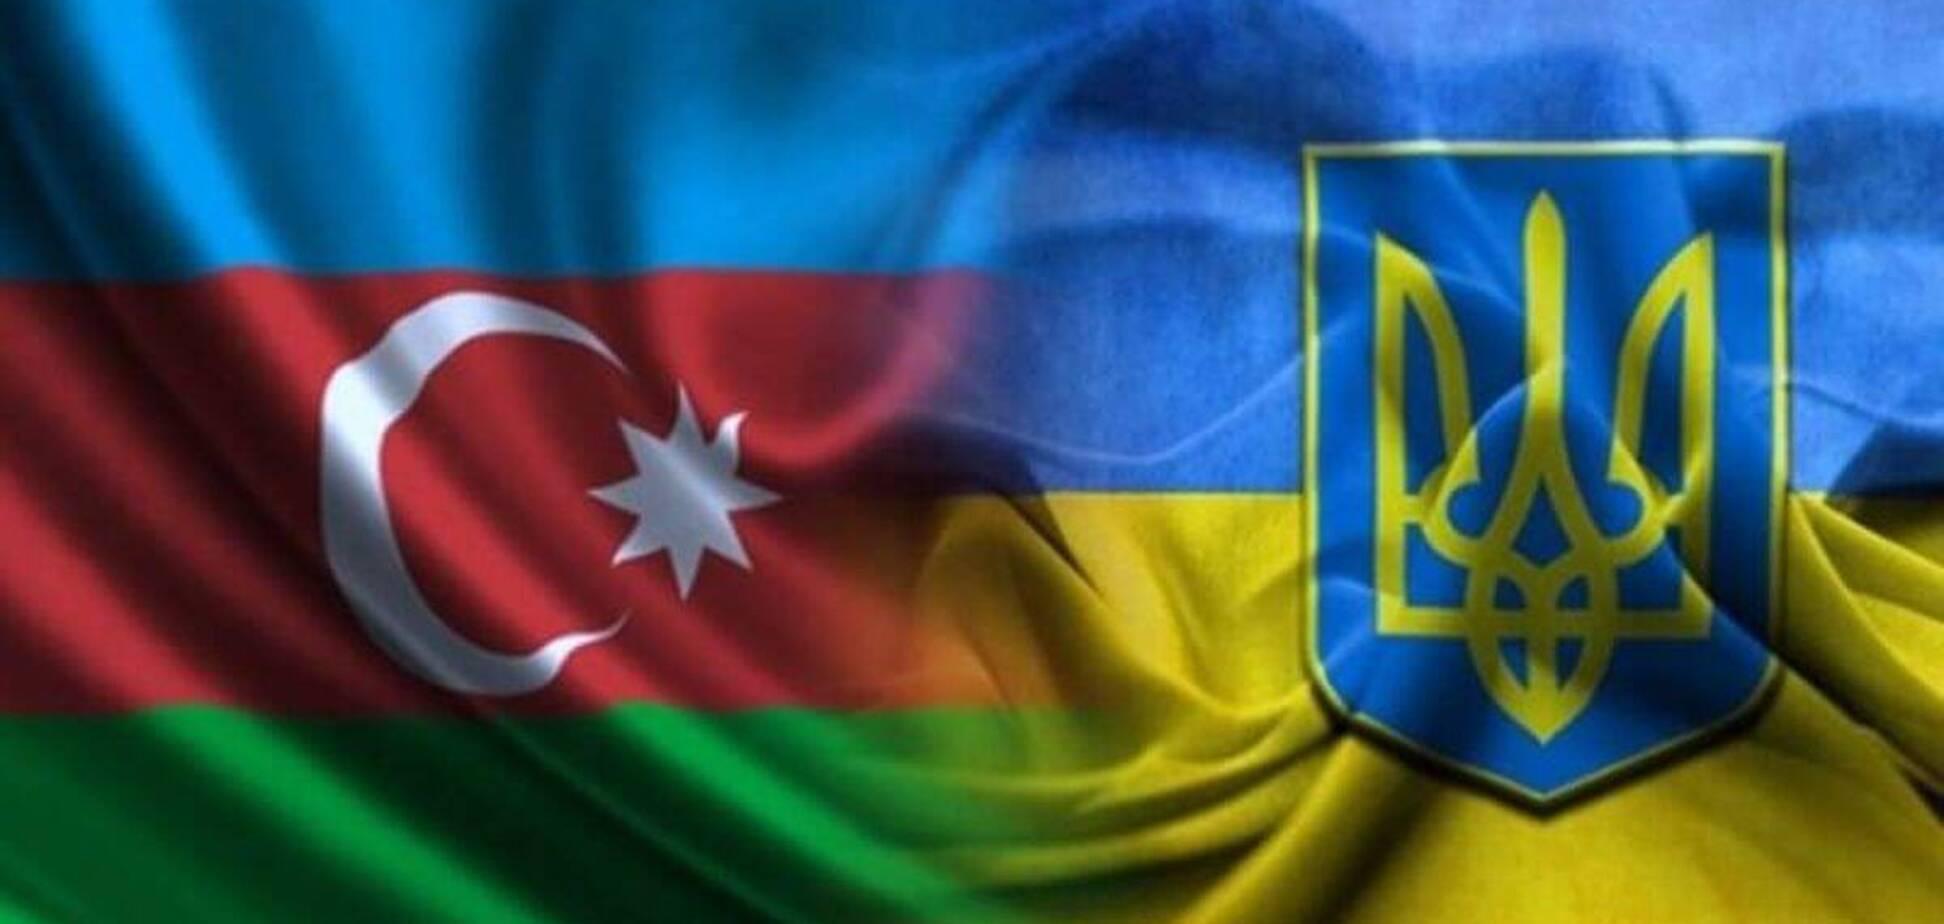 Еще во время Карабахской войны Украина была рядом с Азербайджаном